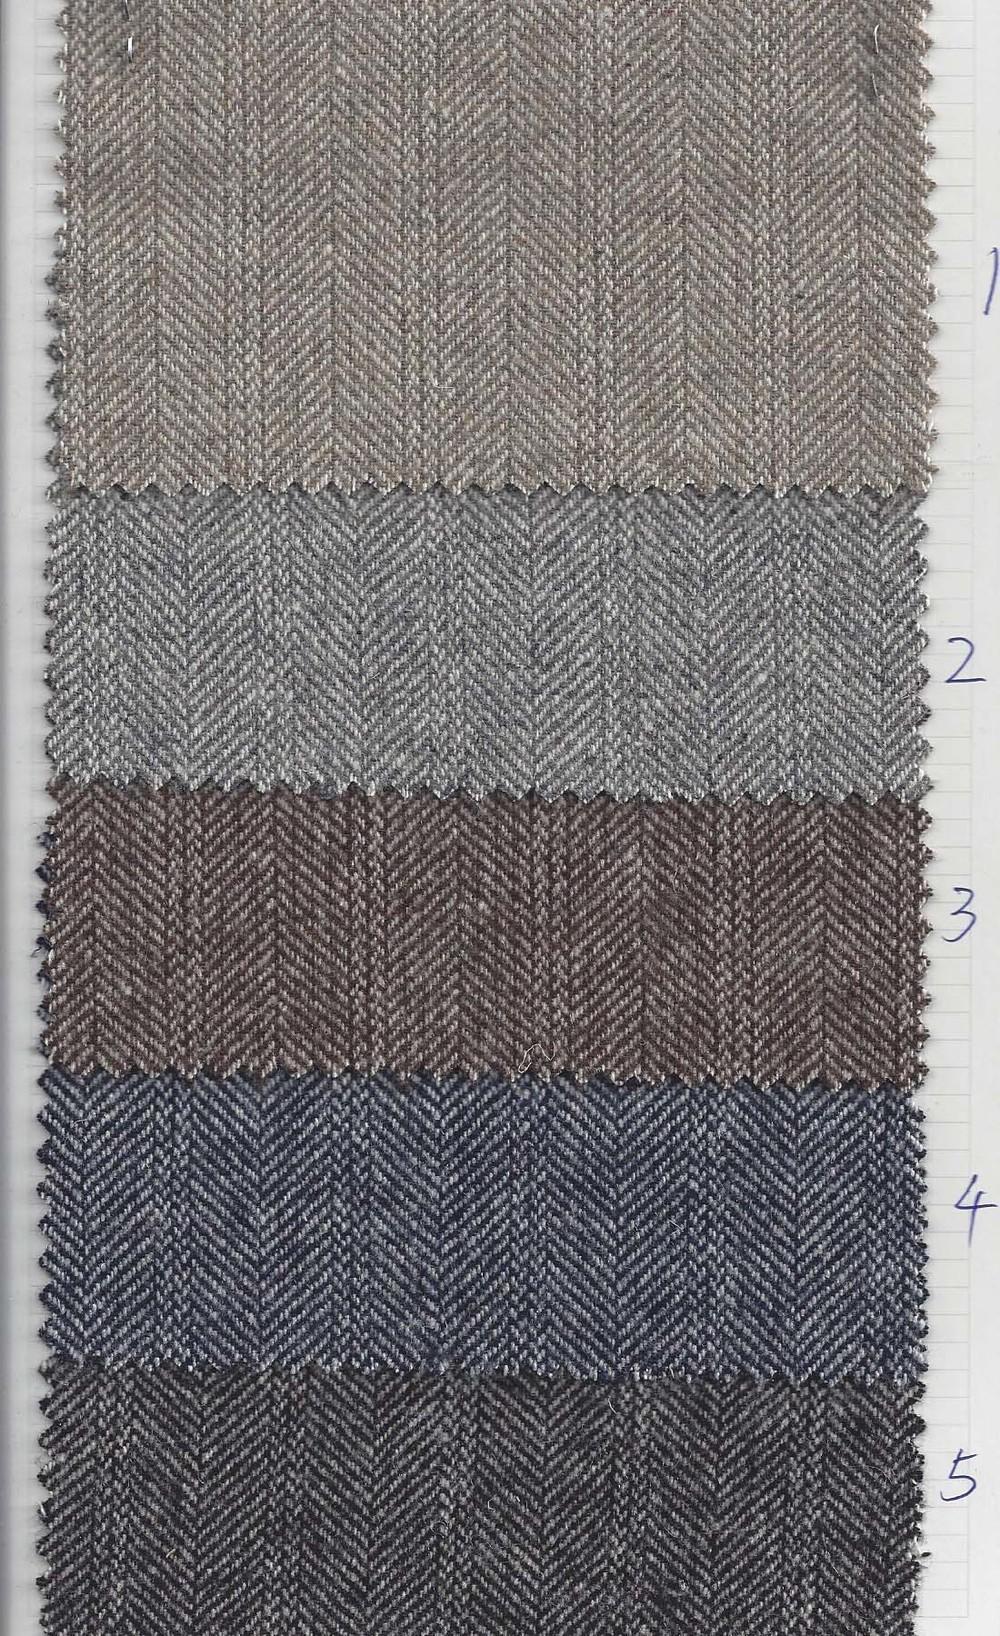 Zhi Cheng Textile 6044.jpg